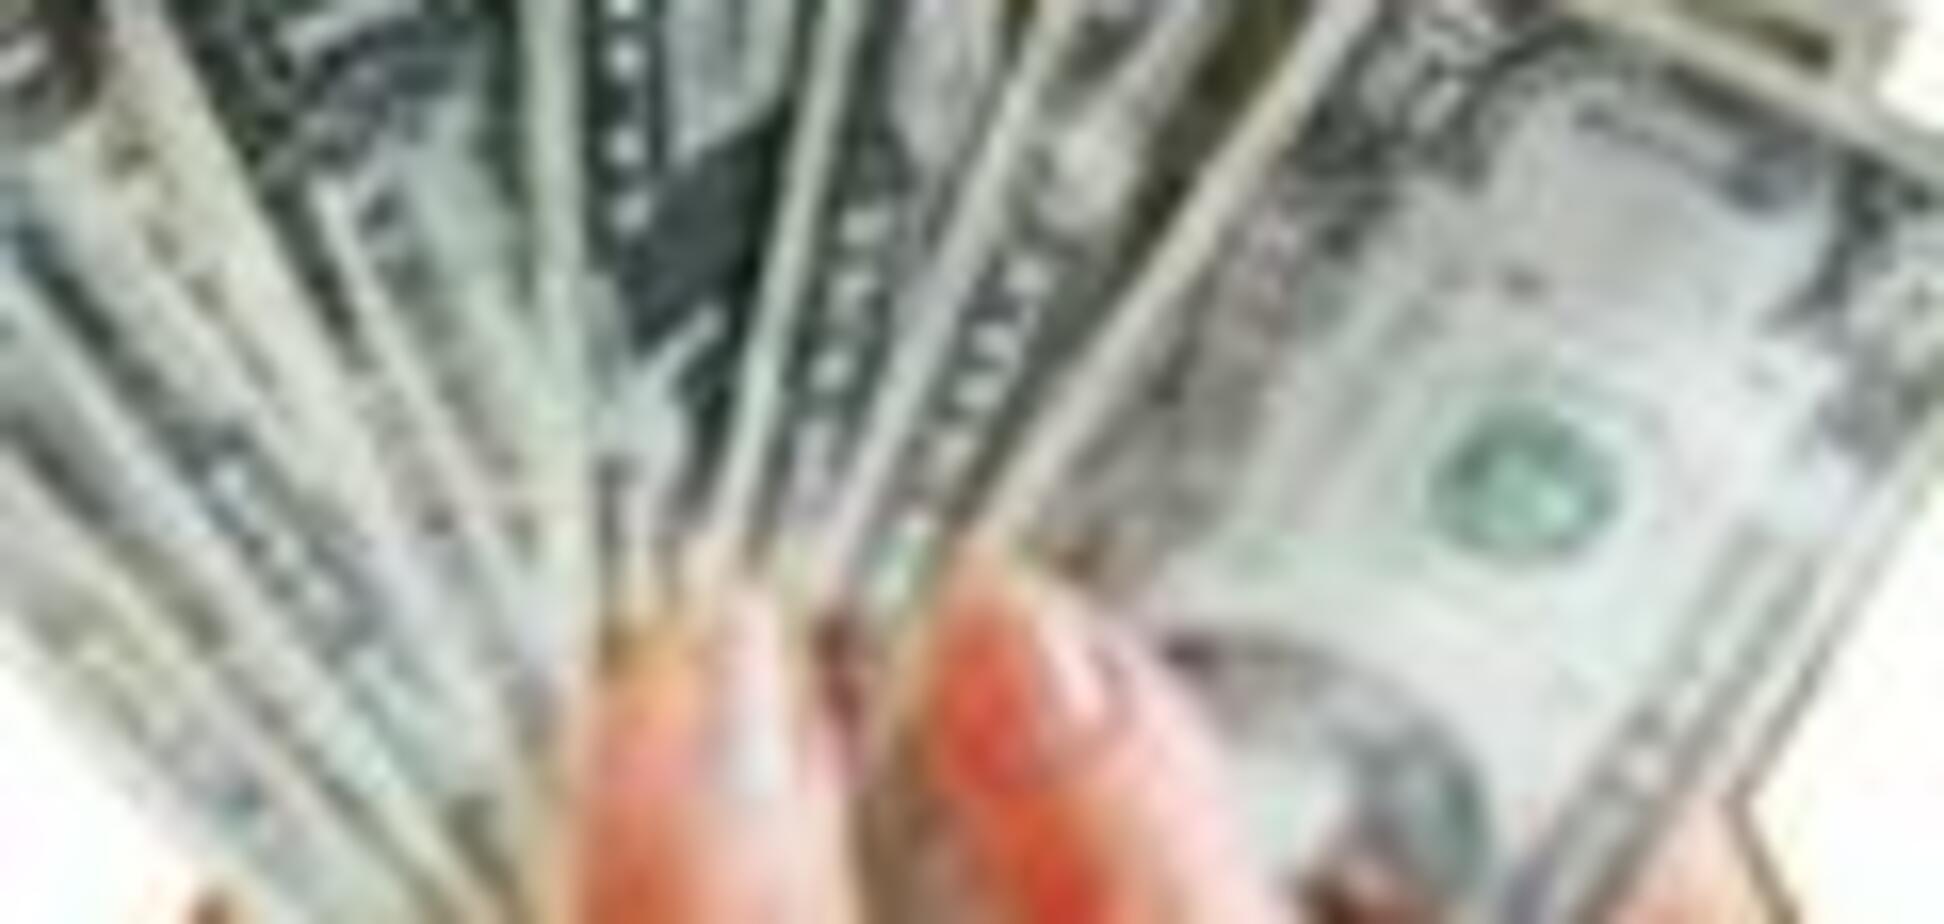 Вкладчики пытаются вернуть свои деньги с помощью пистолетов